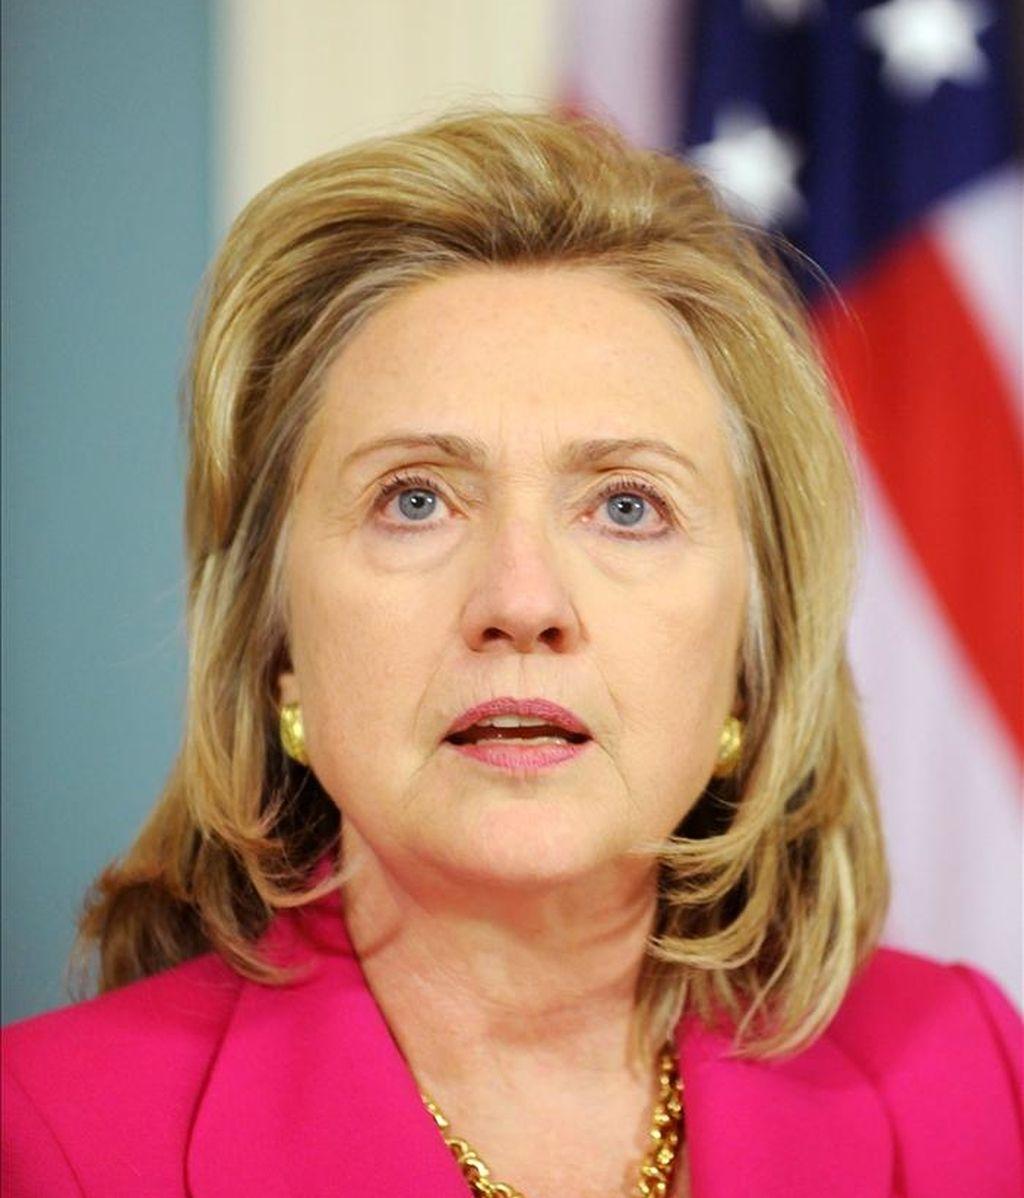 La secretaria de Estado, Hillary Clinton, recordó en una comparecencia el triunfo histórico que supone la muerte de Bin Laden para la lucha contra el terrorismo, pero aseguró que el combate continua. EFE/Archivo